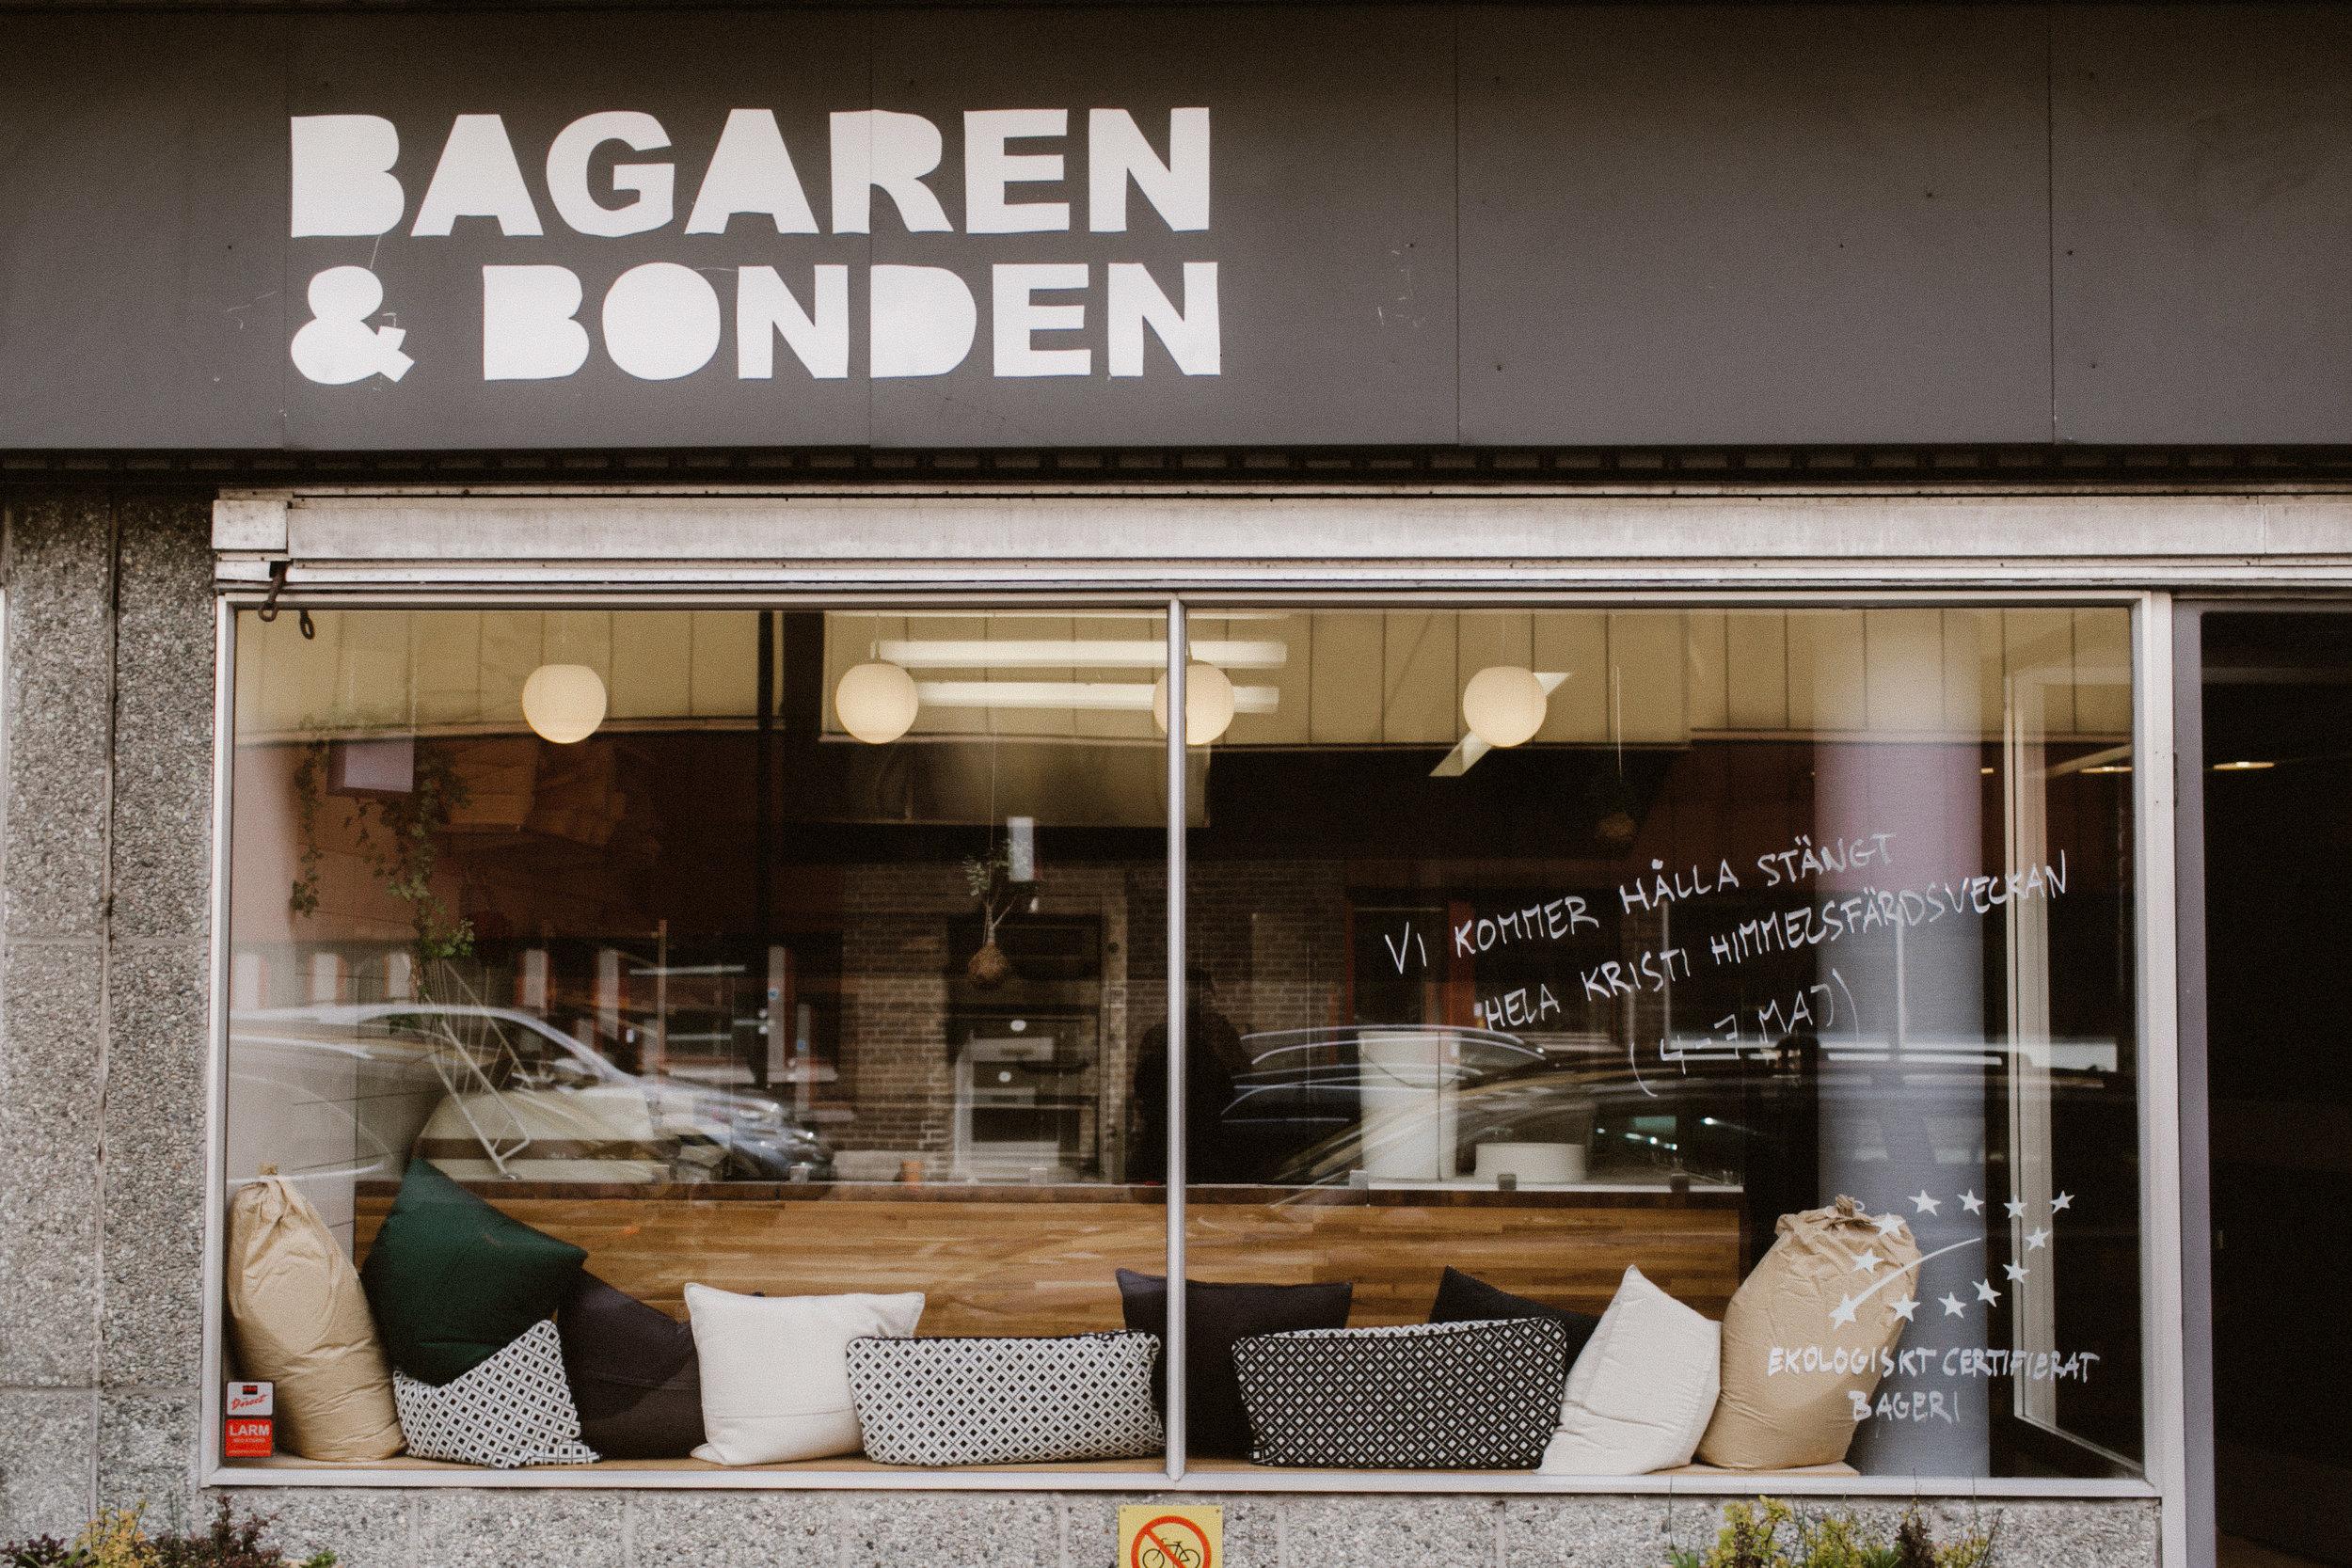 2016_BAGAREN_OCH_BONDEN_MALMÖ-3.JPG